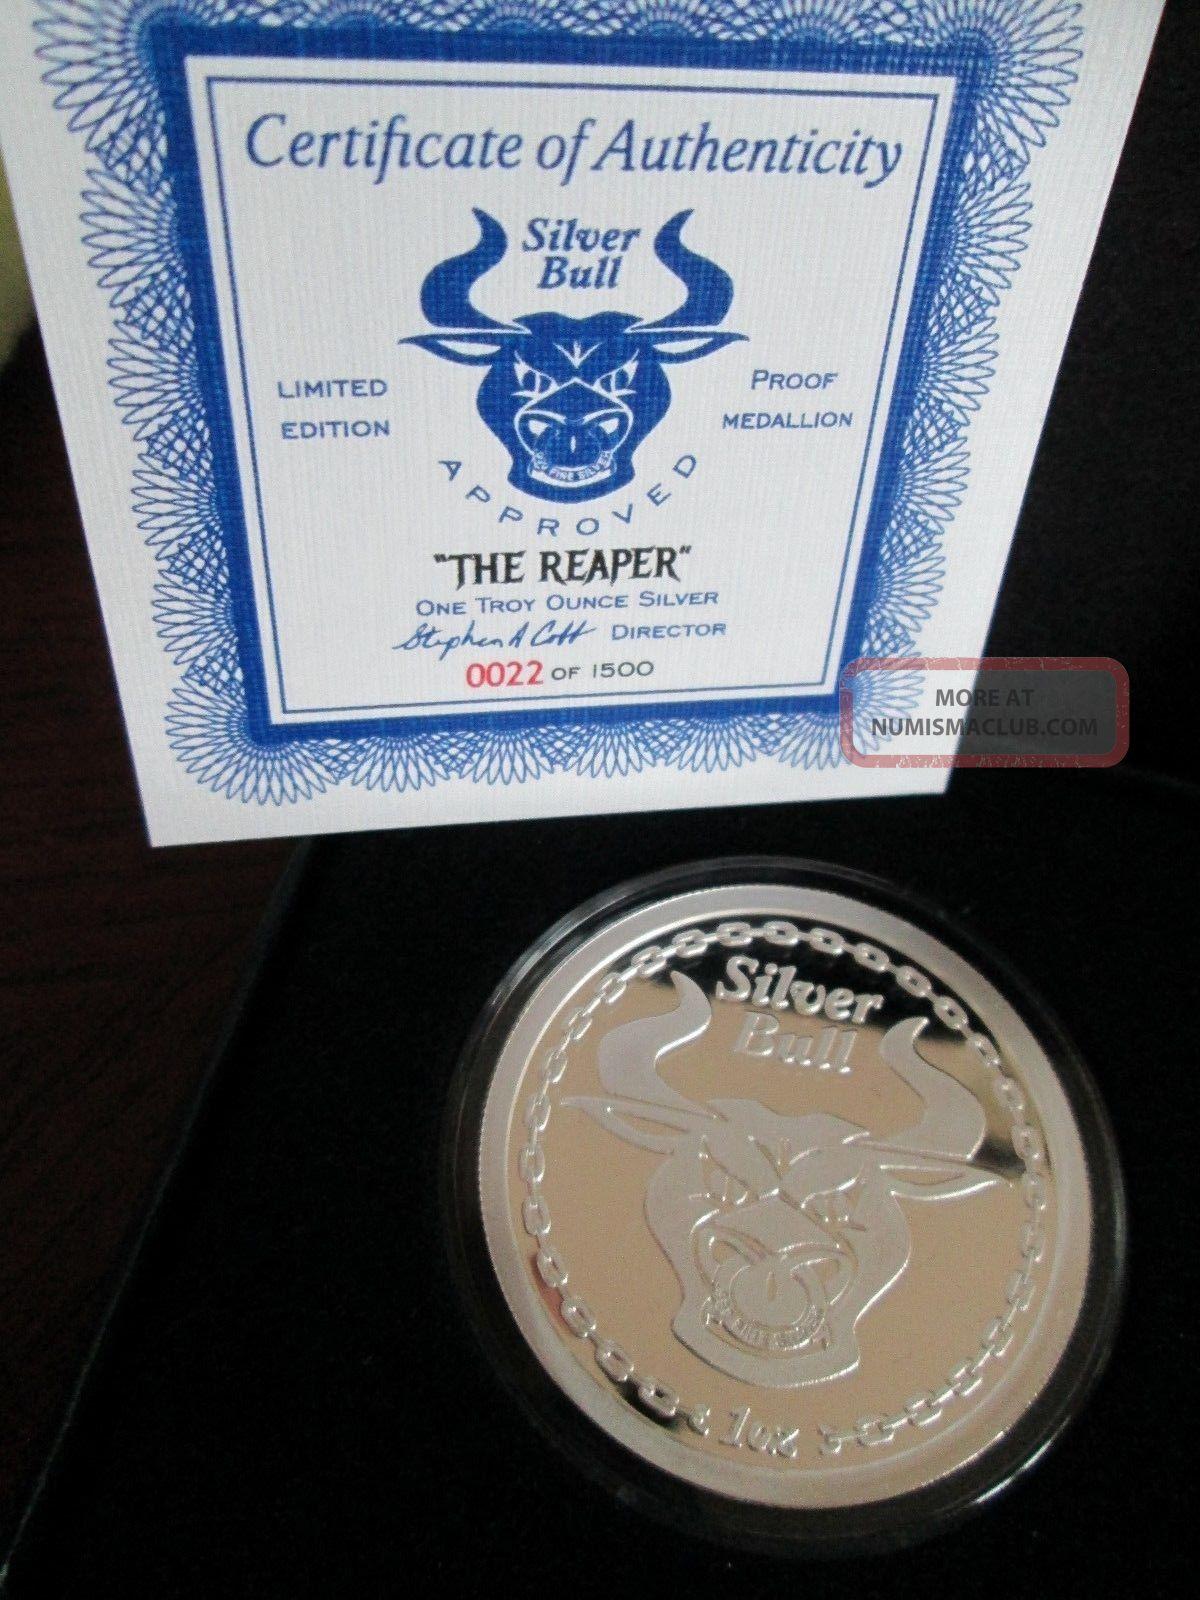 1 Oz Silver Bull Grim Reaper 999 Fine Silver Proof Round